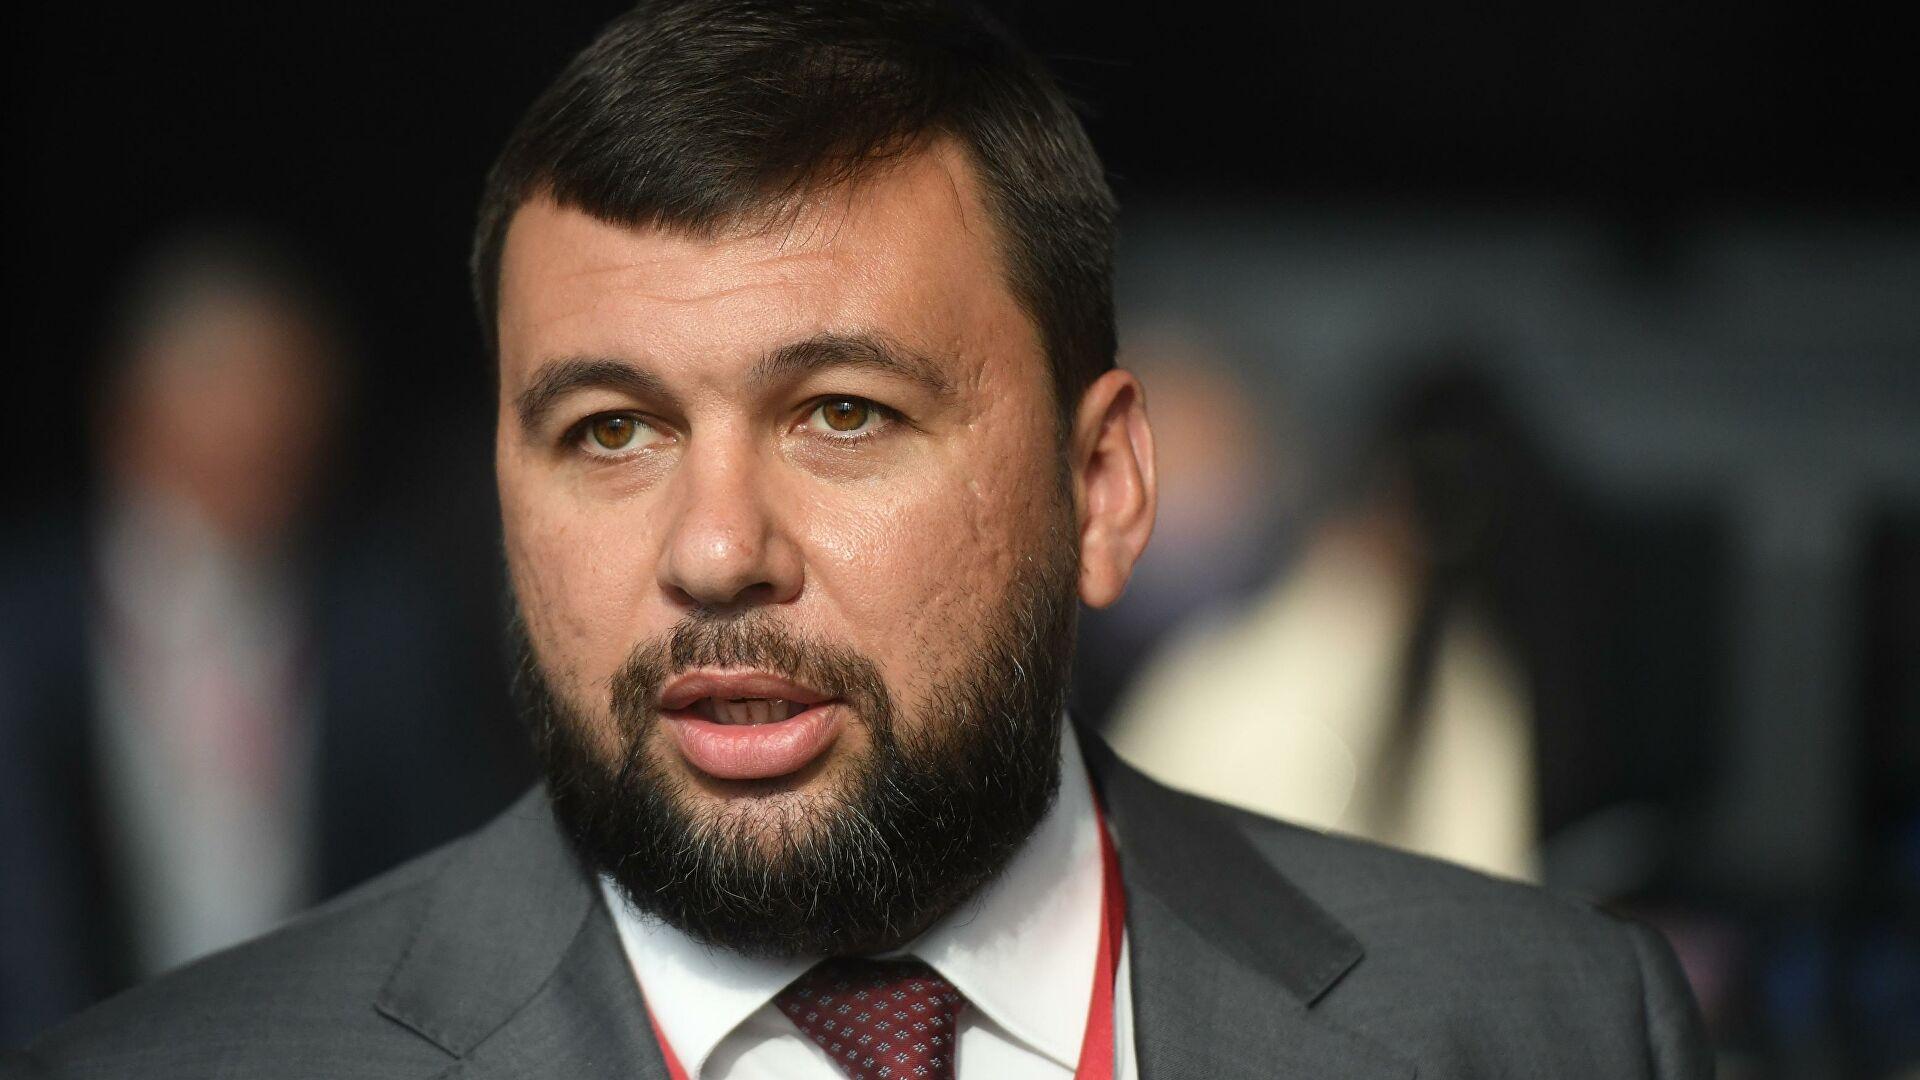 Donjeck: Ukrajinsko rukovodstvo uopšte nije zainteresovano za transparentan i savestan proces mirovnih pregovora